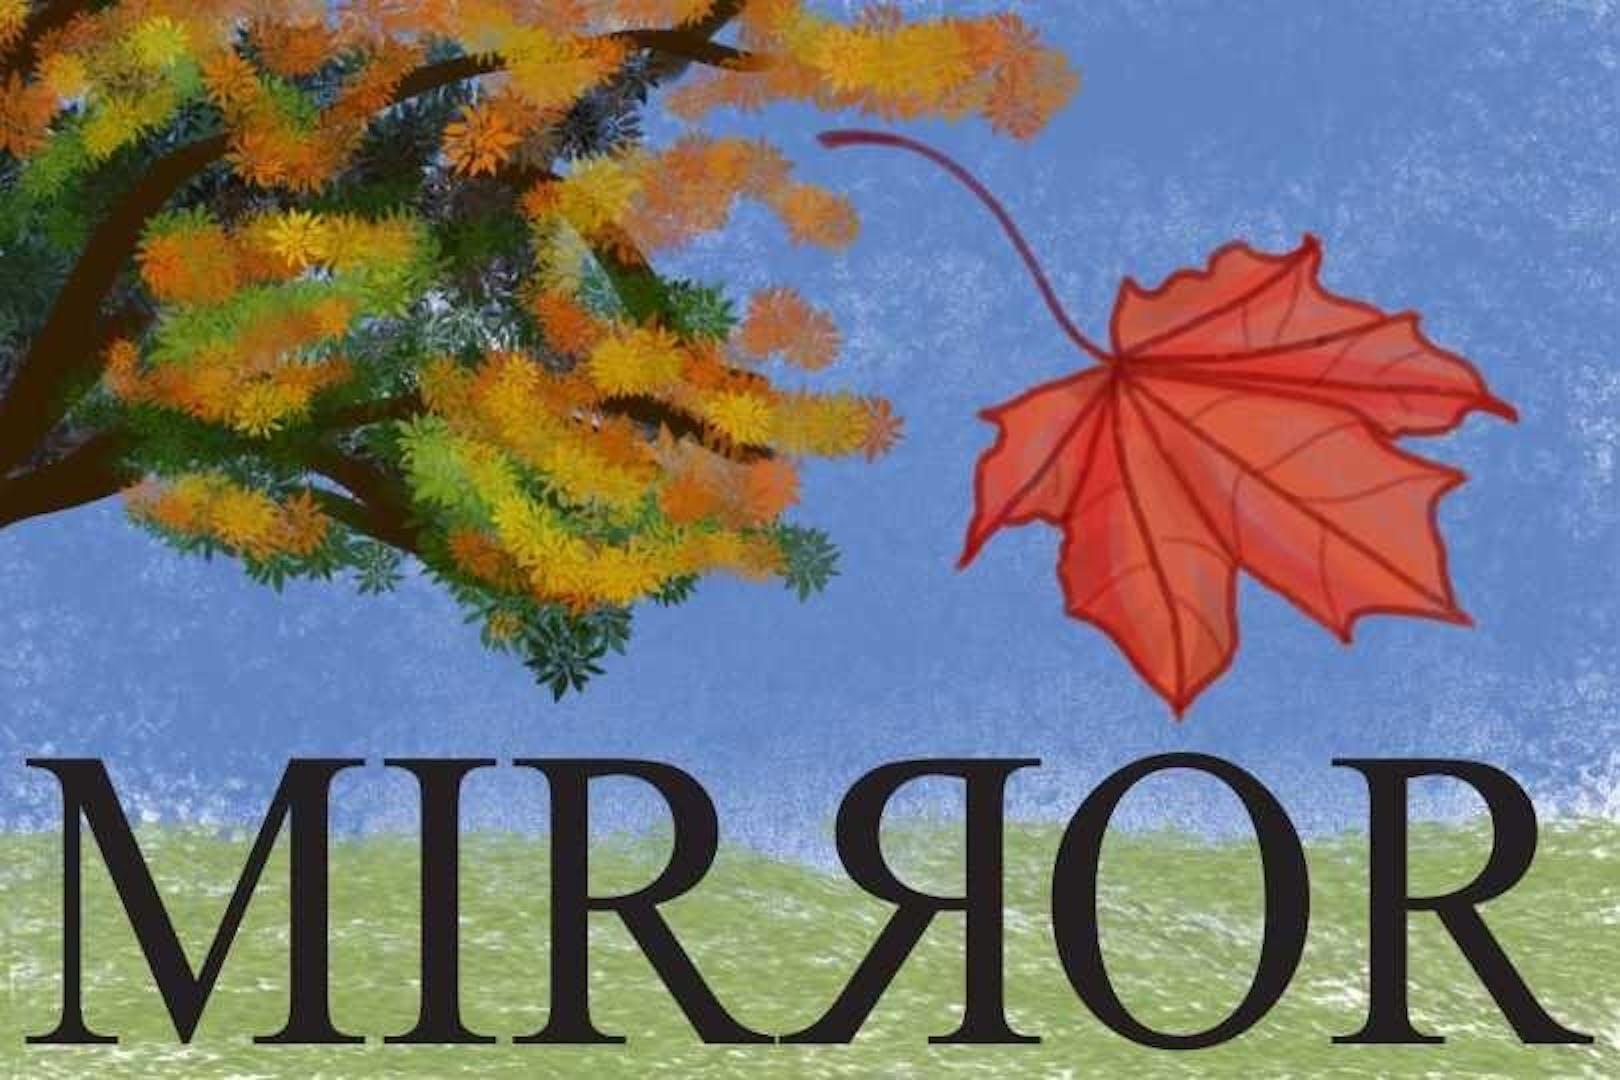 mirror-cover-10-5-21